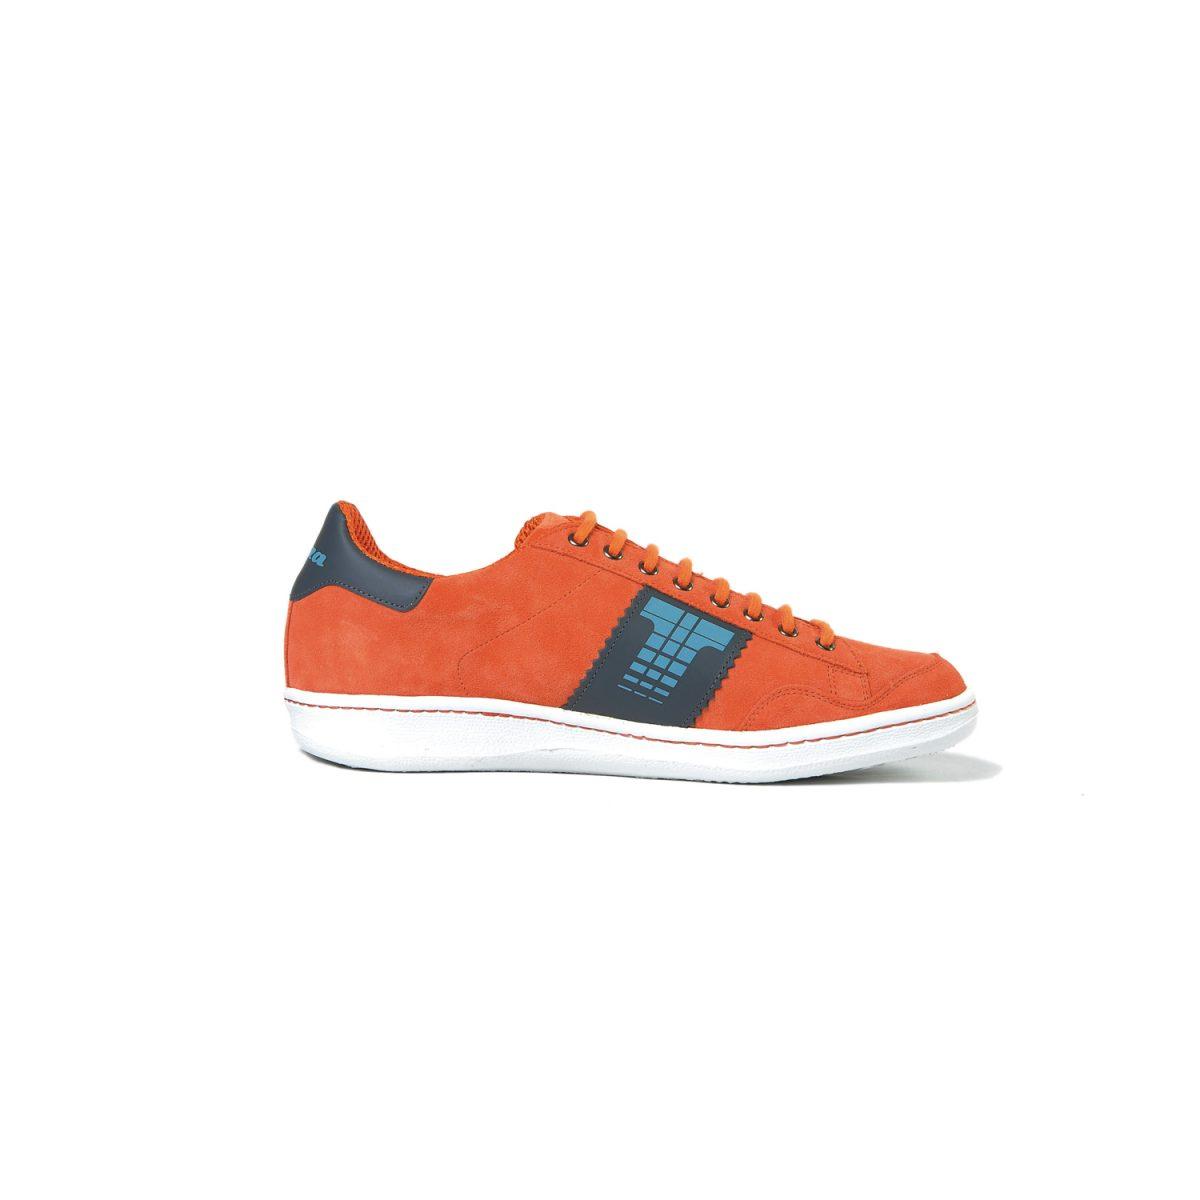 Tisza shoes - Derby - Orange-grey